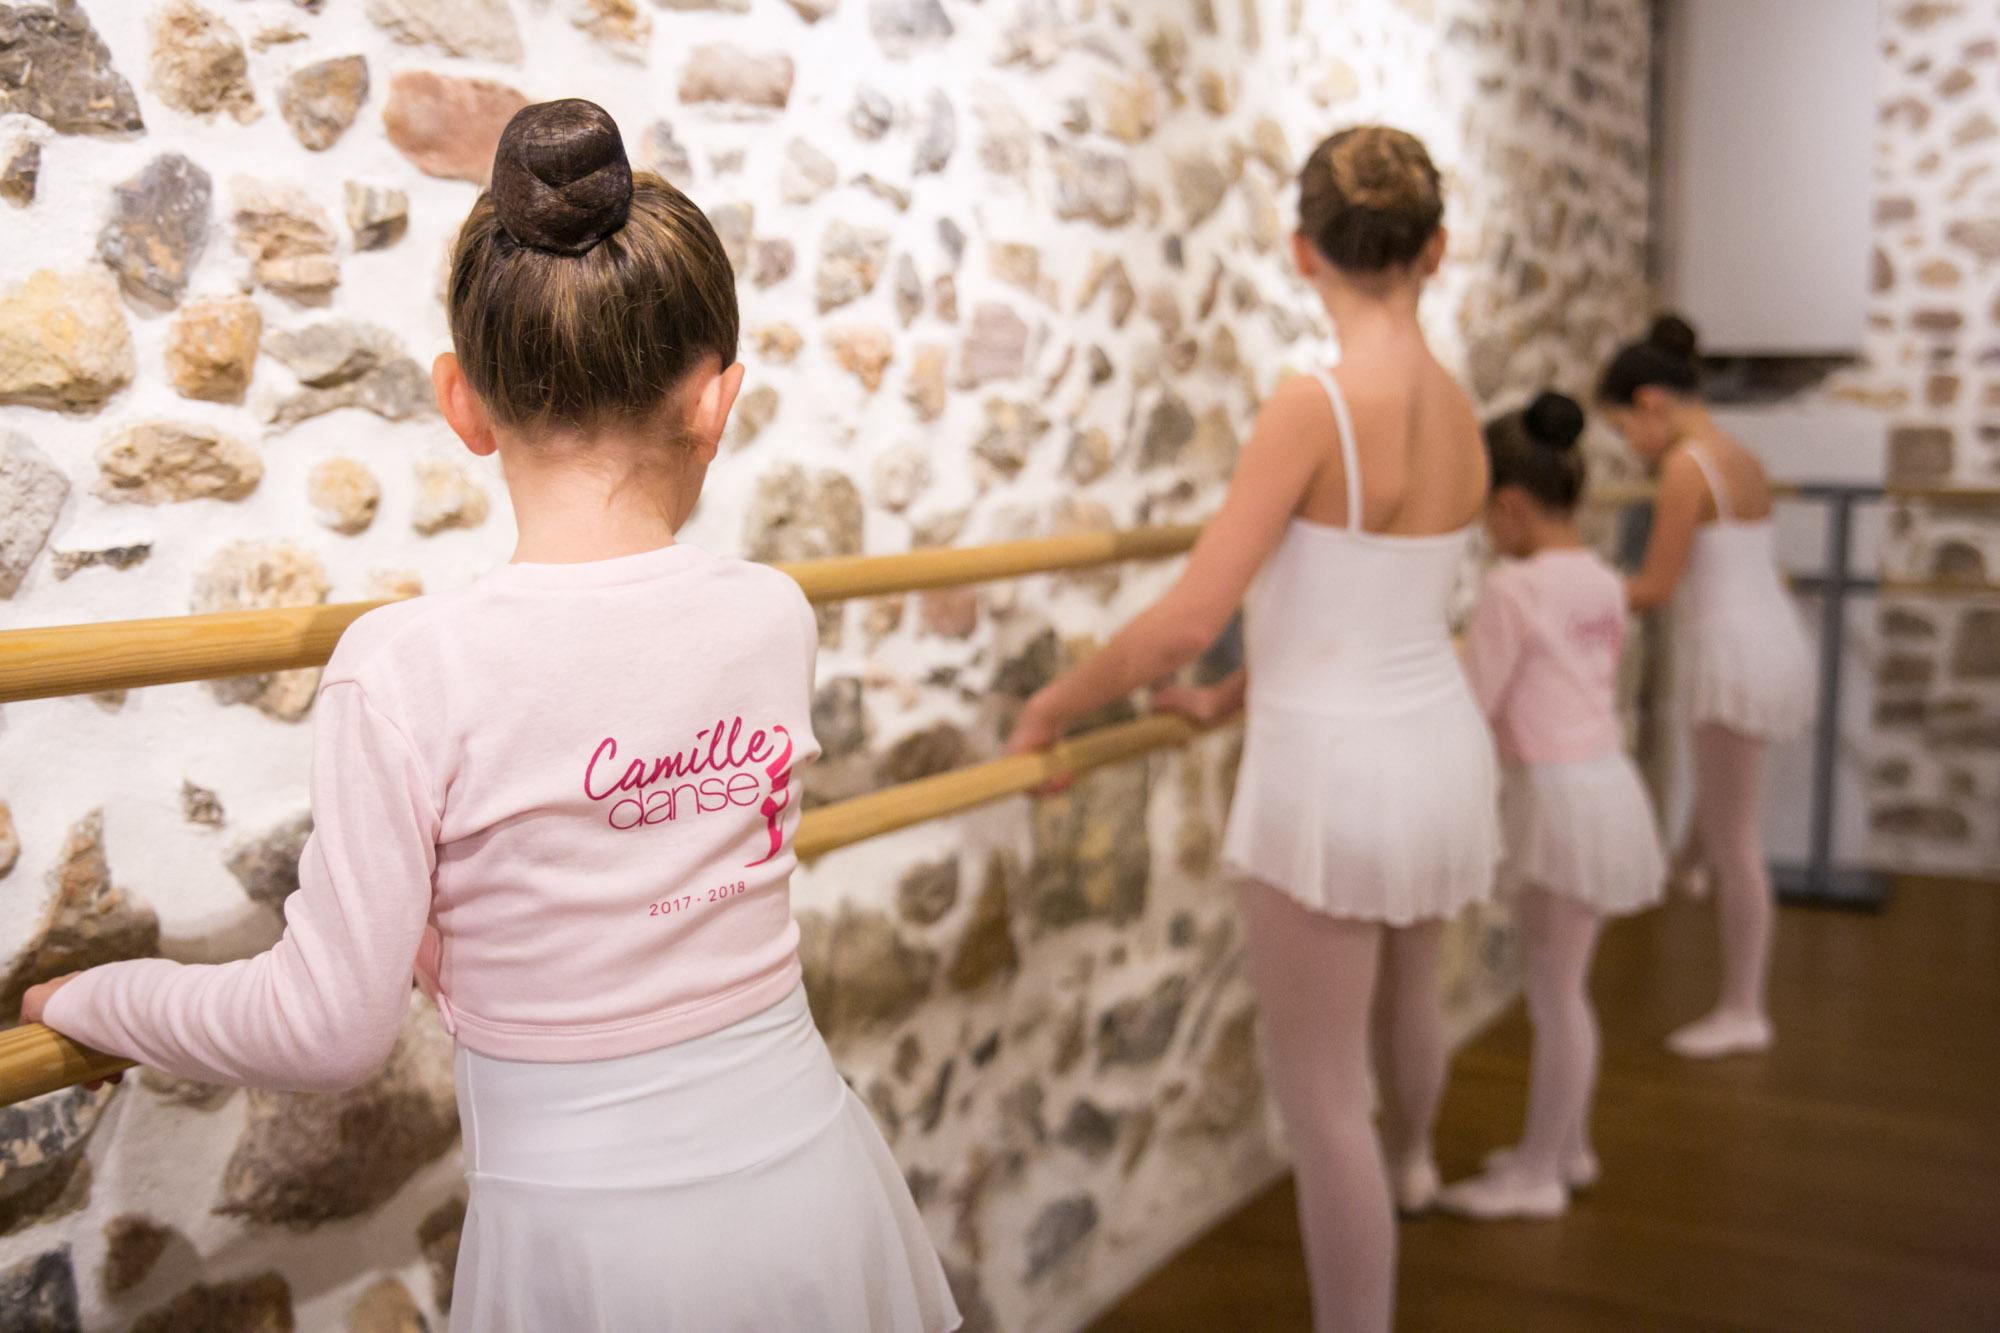 cours ecole danse classique la valette toulon enfant adulte pilates barre au sol eveil initiation debutant pas cher helivision.fr -22.jpg